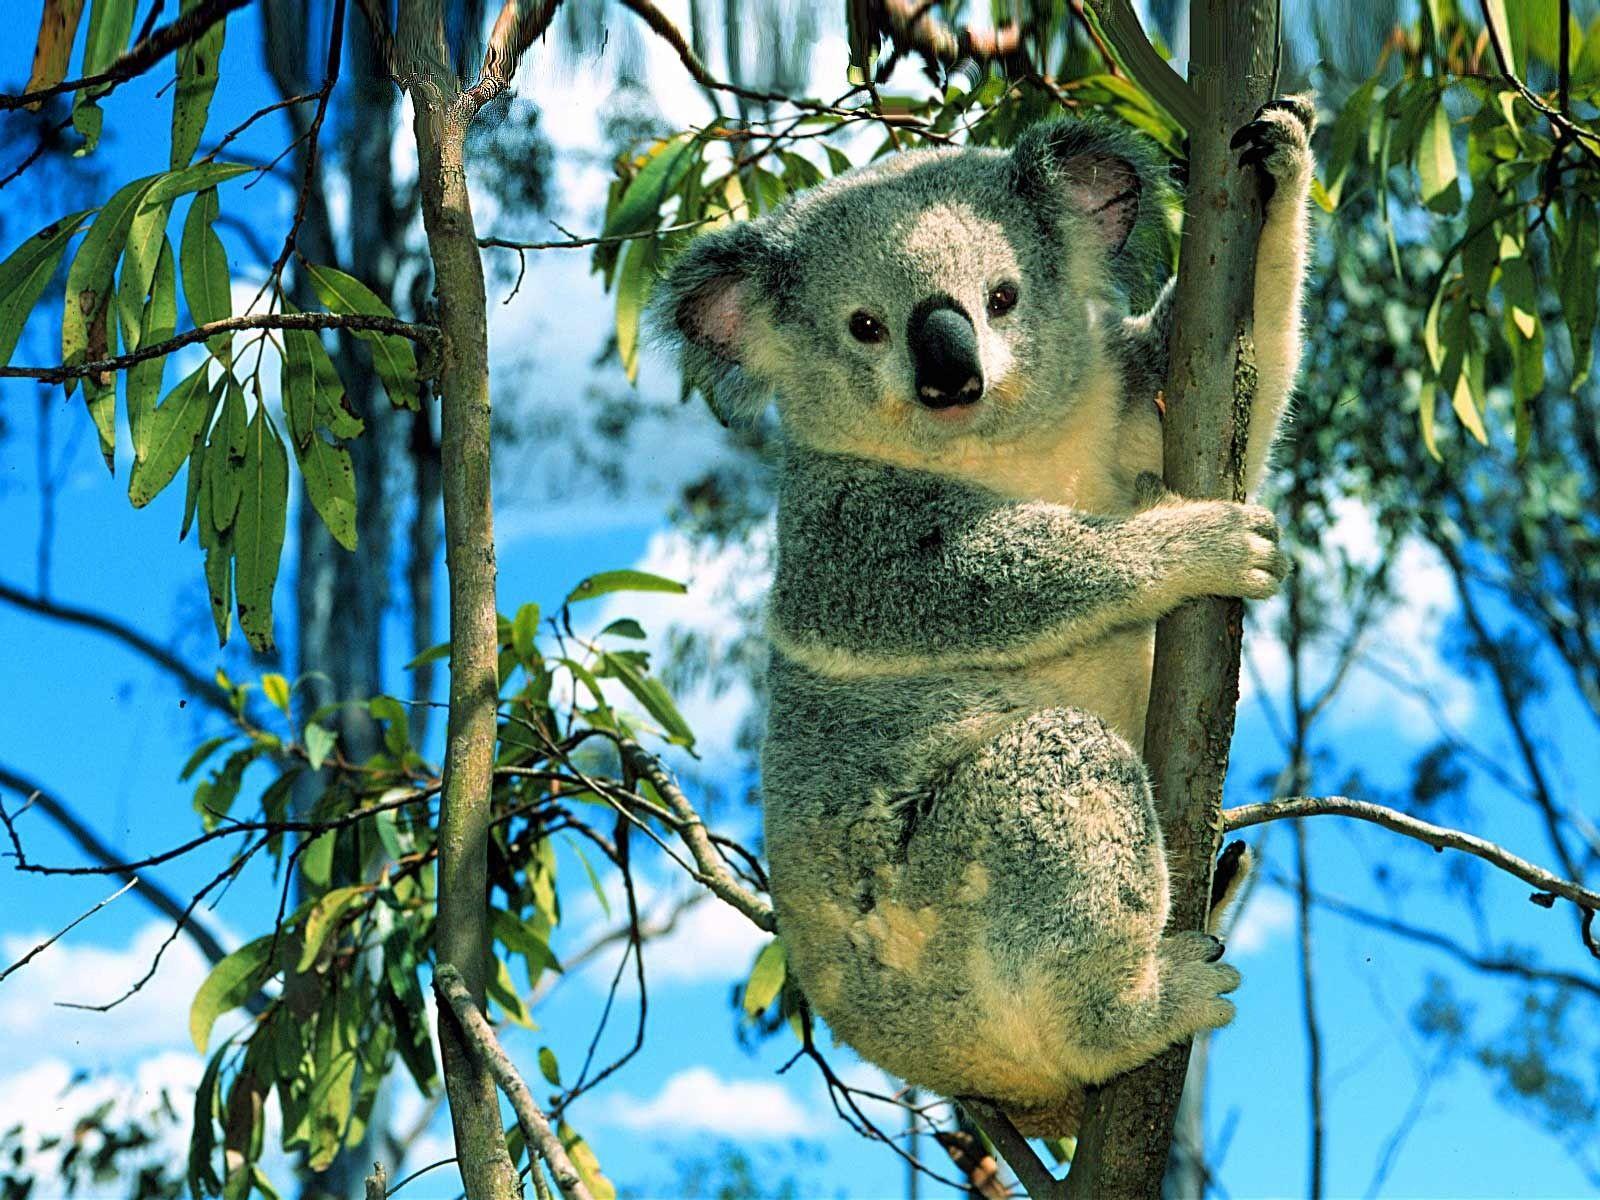 Cute Koala Bear Wallpaper Free For Desktop 1600x1200 Px